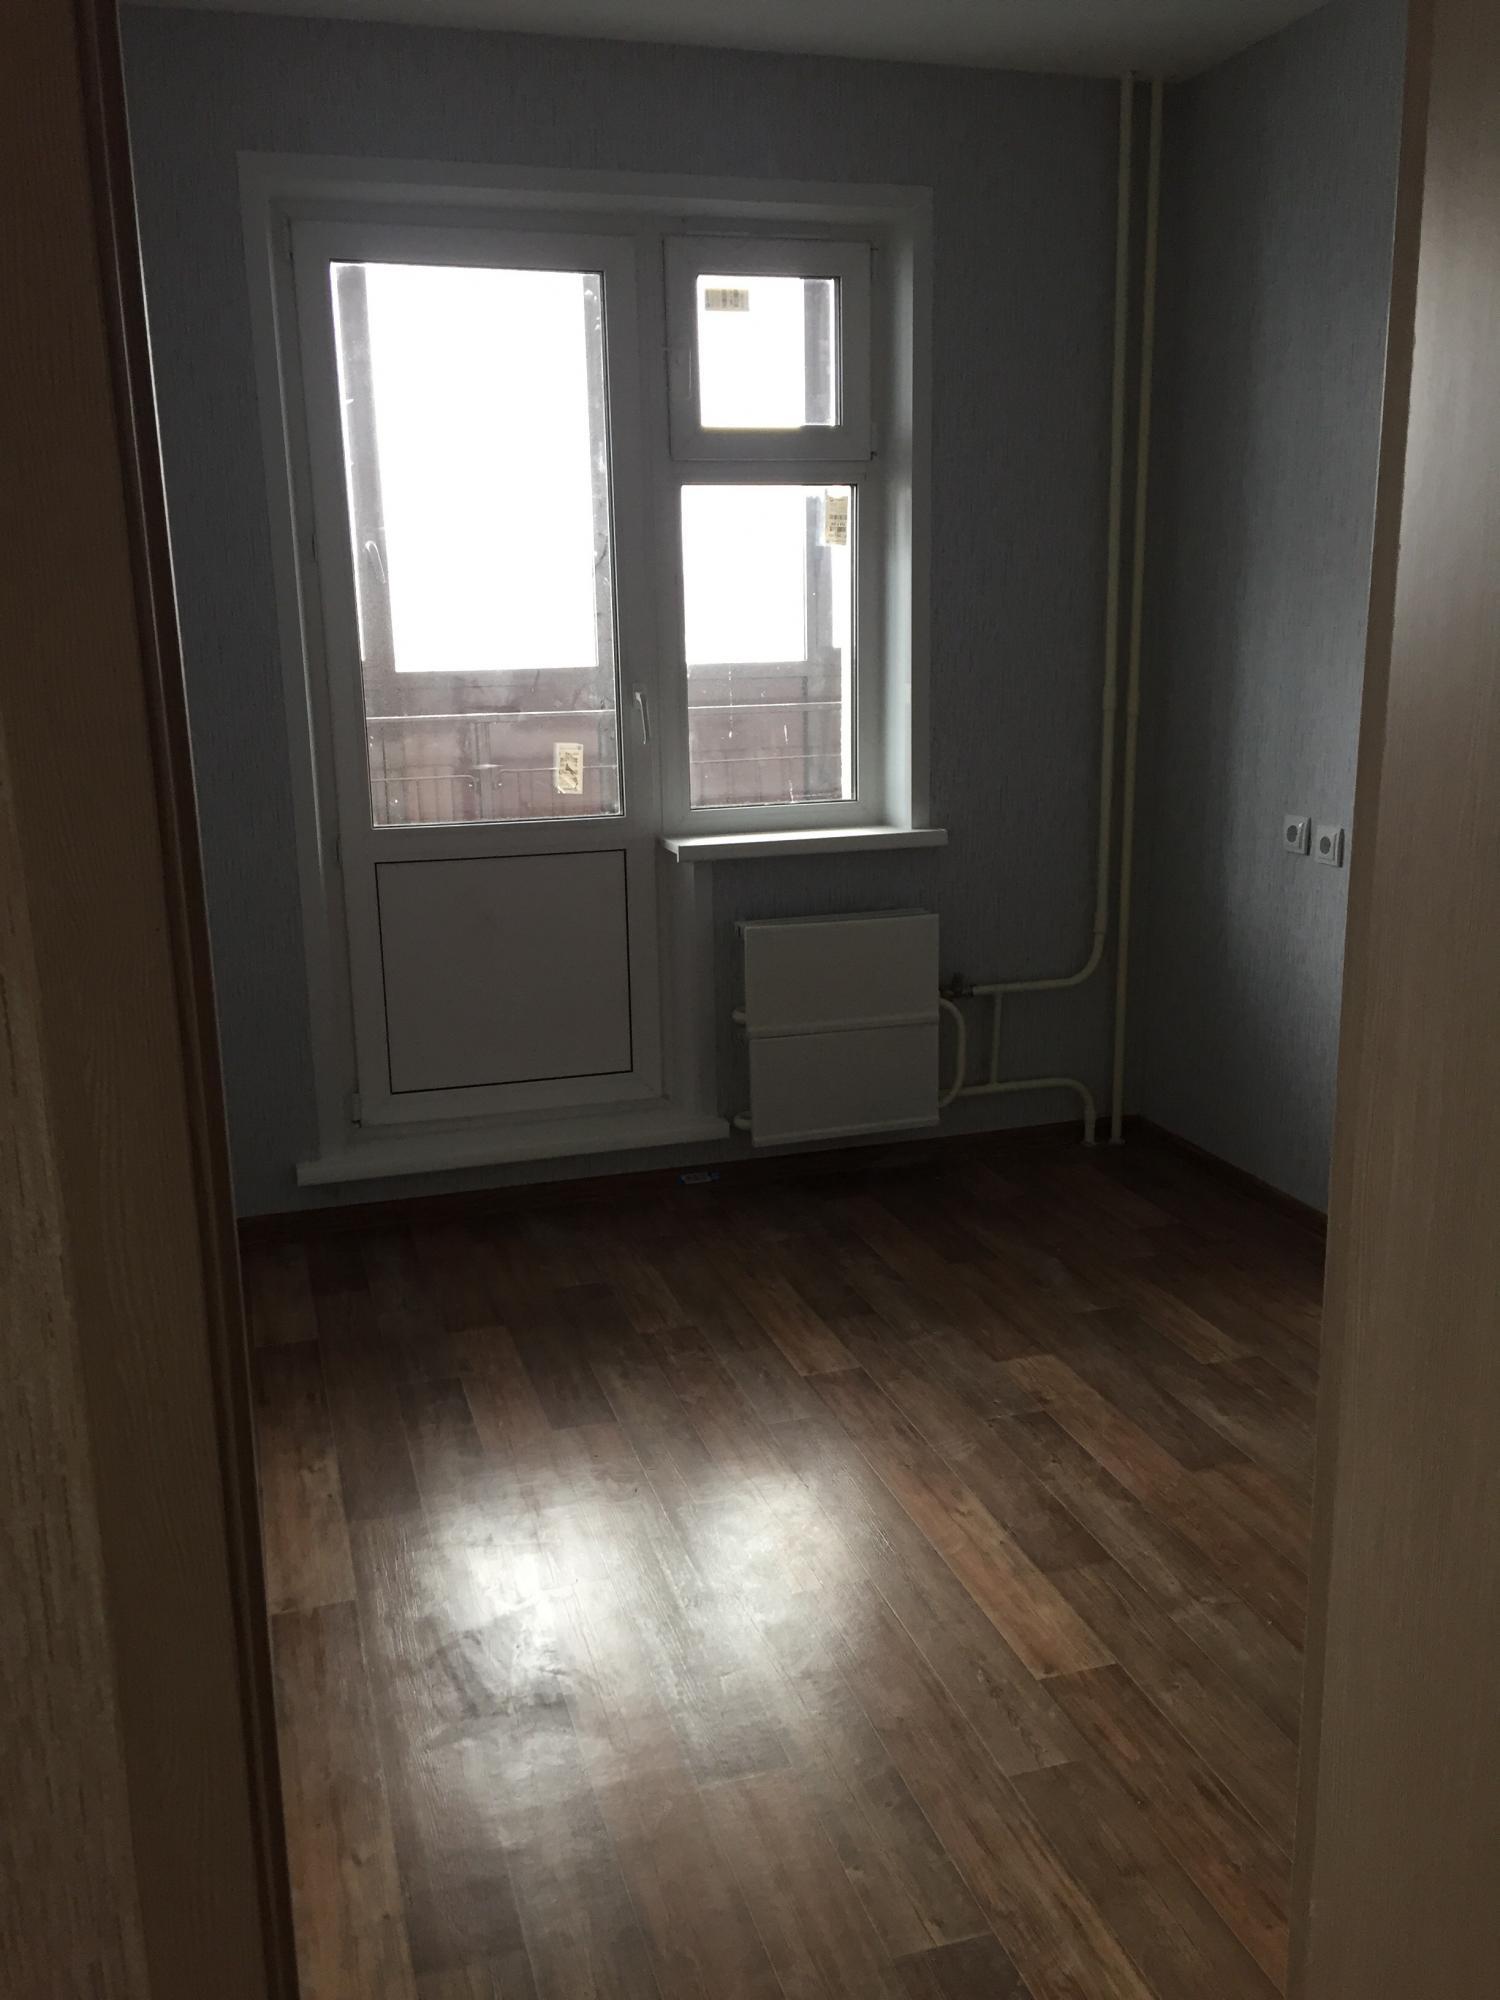 3к квартира Светлогорский переулок, 15 | 23000 | аренда в Красноярске фото 2